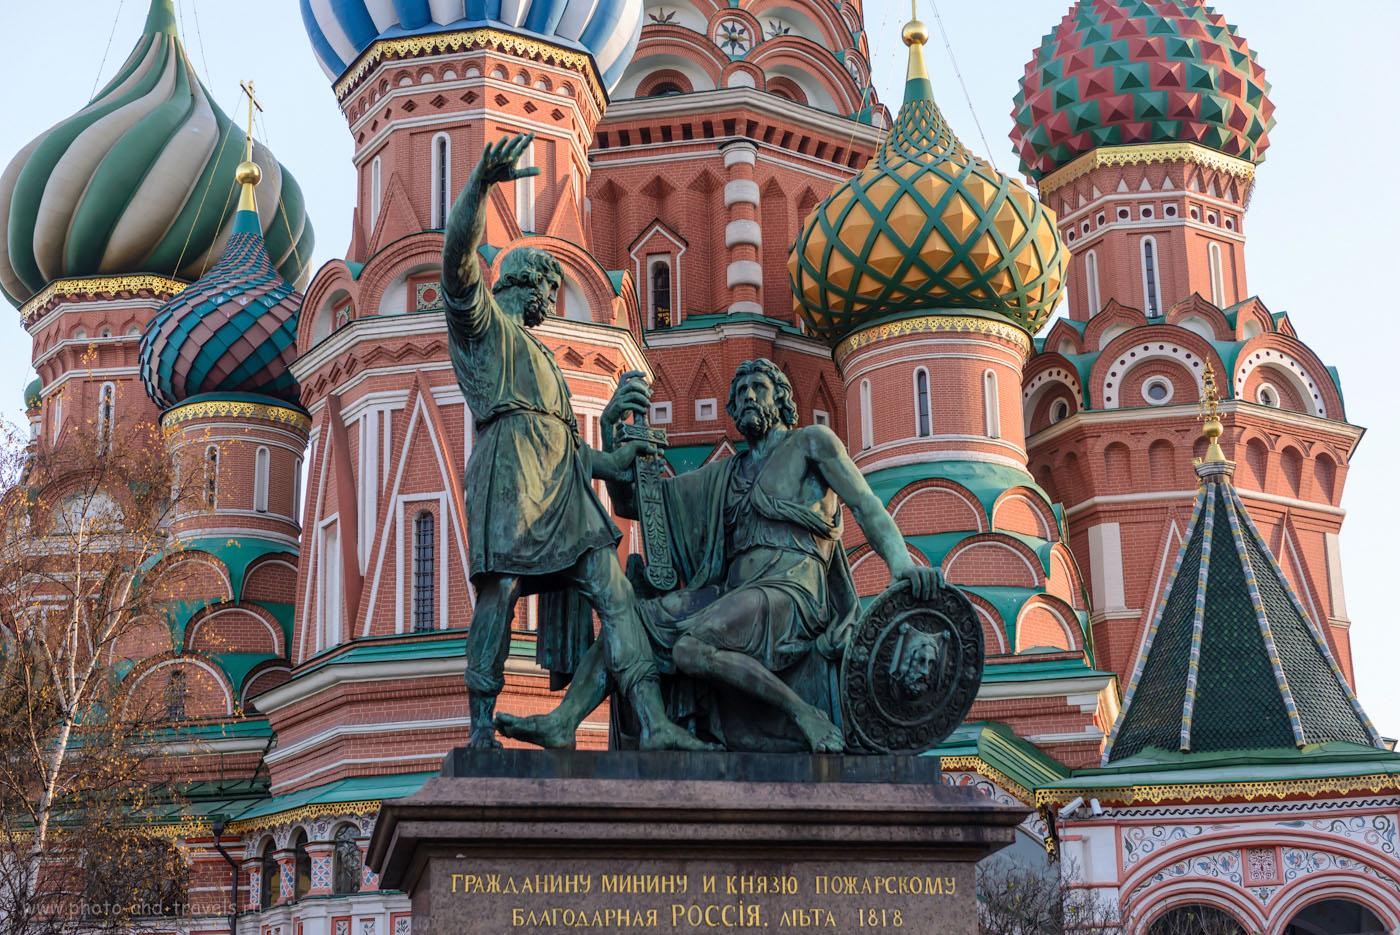 02e4e811ec209 Грузоперевозки Москва Мурманск картинка с памятником в Мсокве на площади